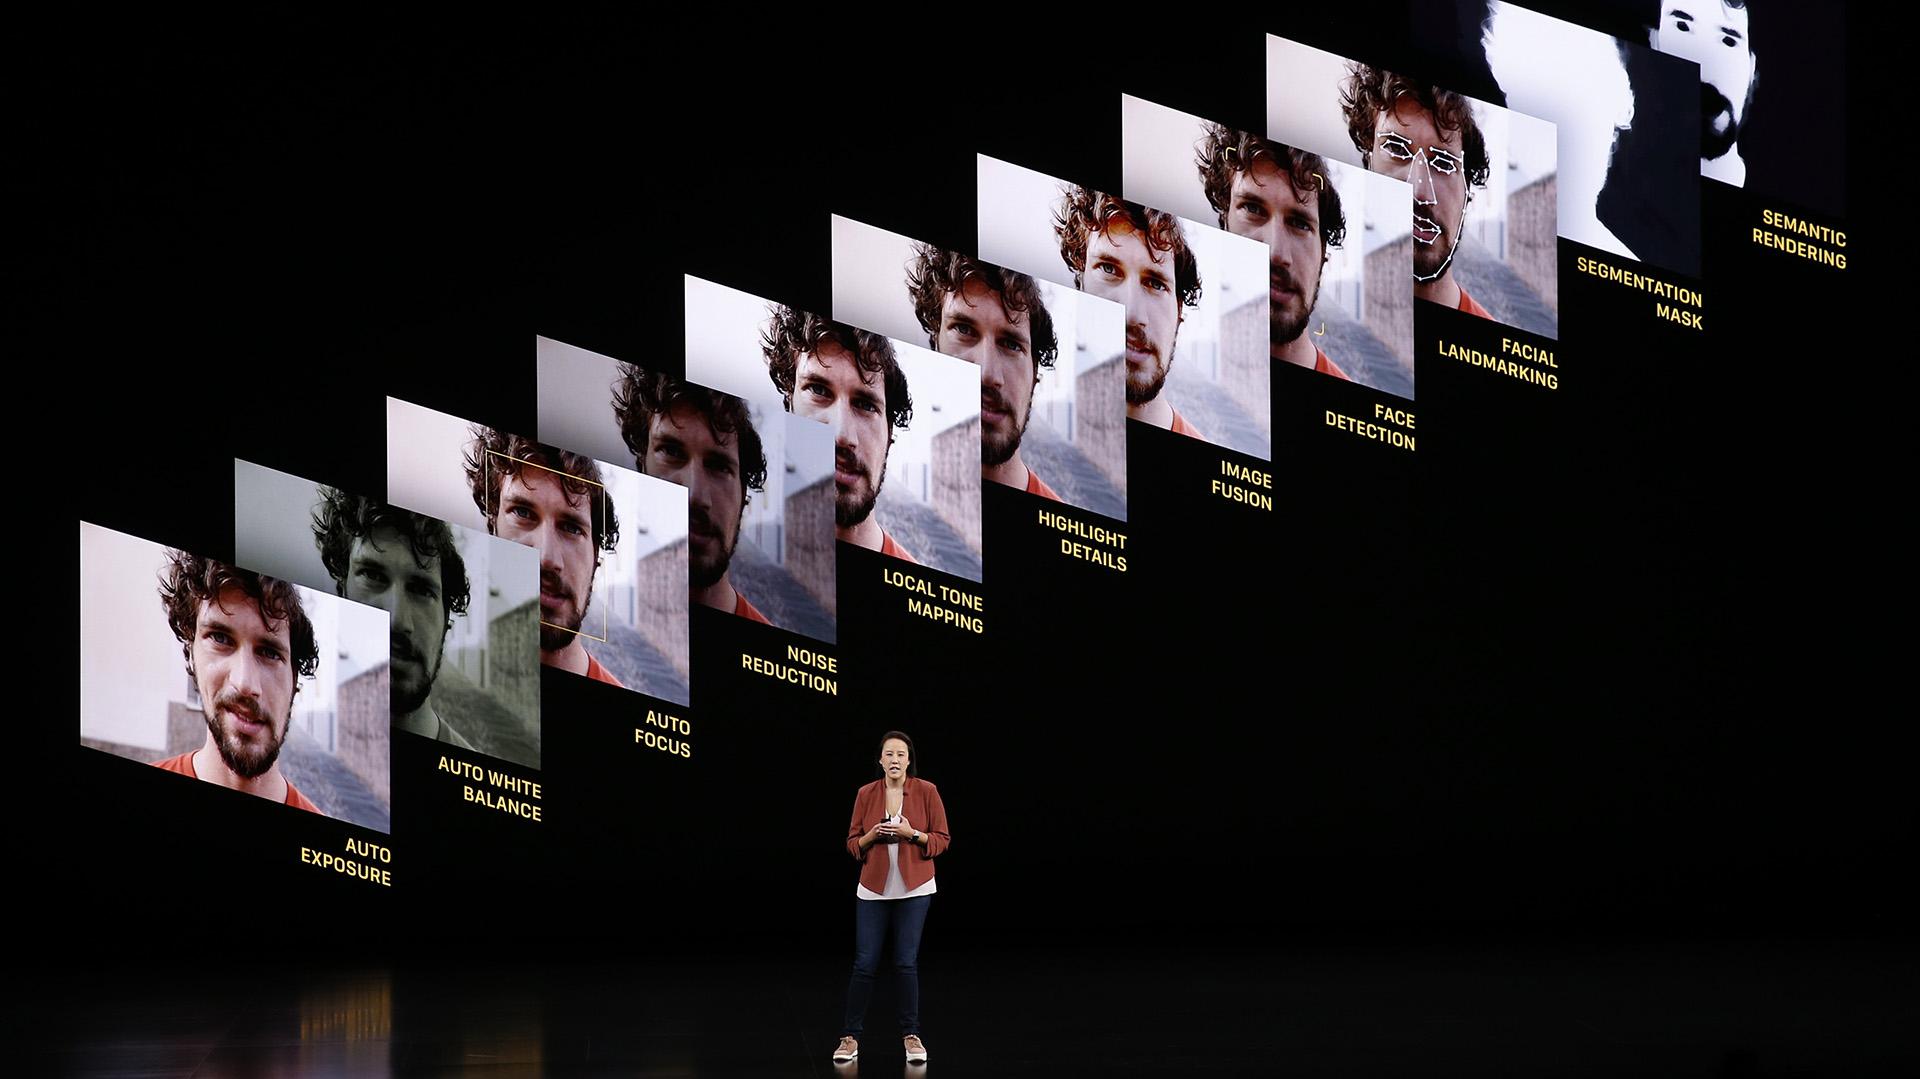 El iPhone 11 cuenta con una pantalla Liquid Retina de 6,1 pulgadas y se comercializará a partir de USD 699 (REUTERS/Stephen Lam)